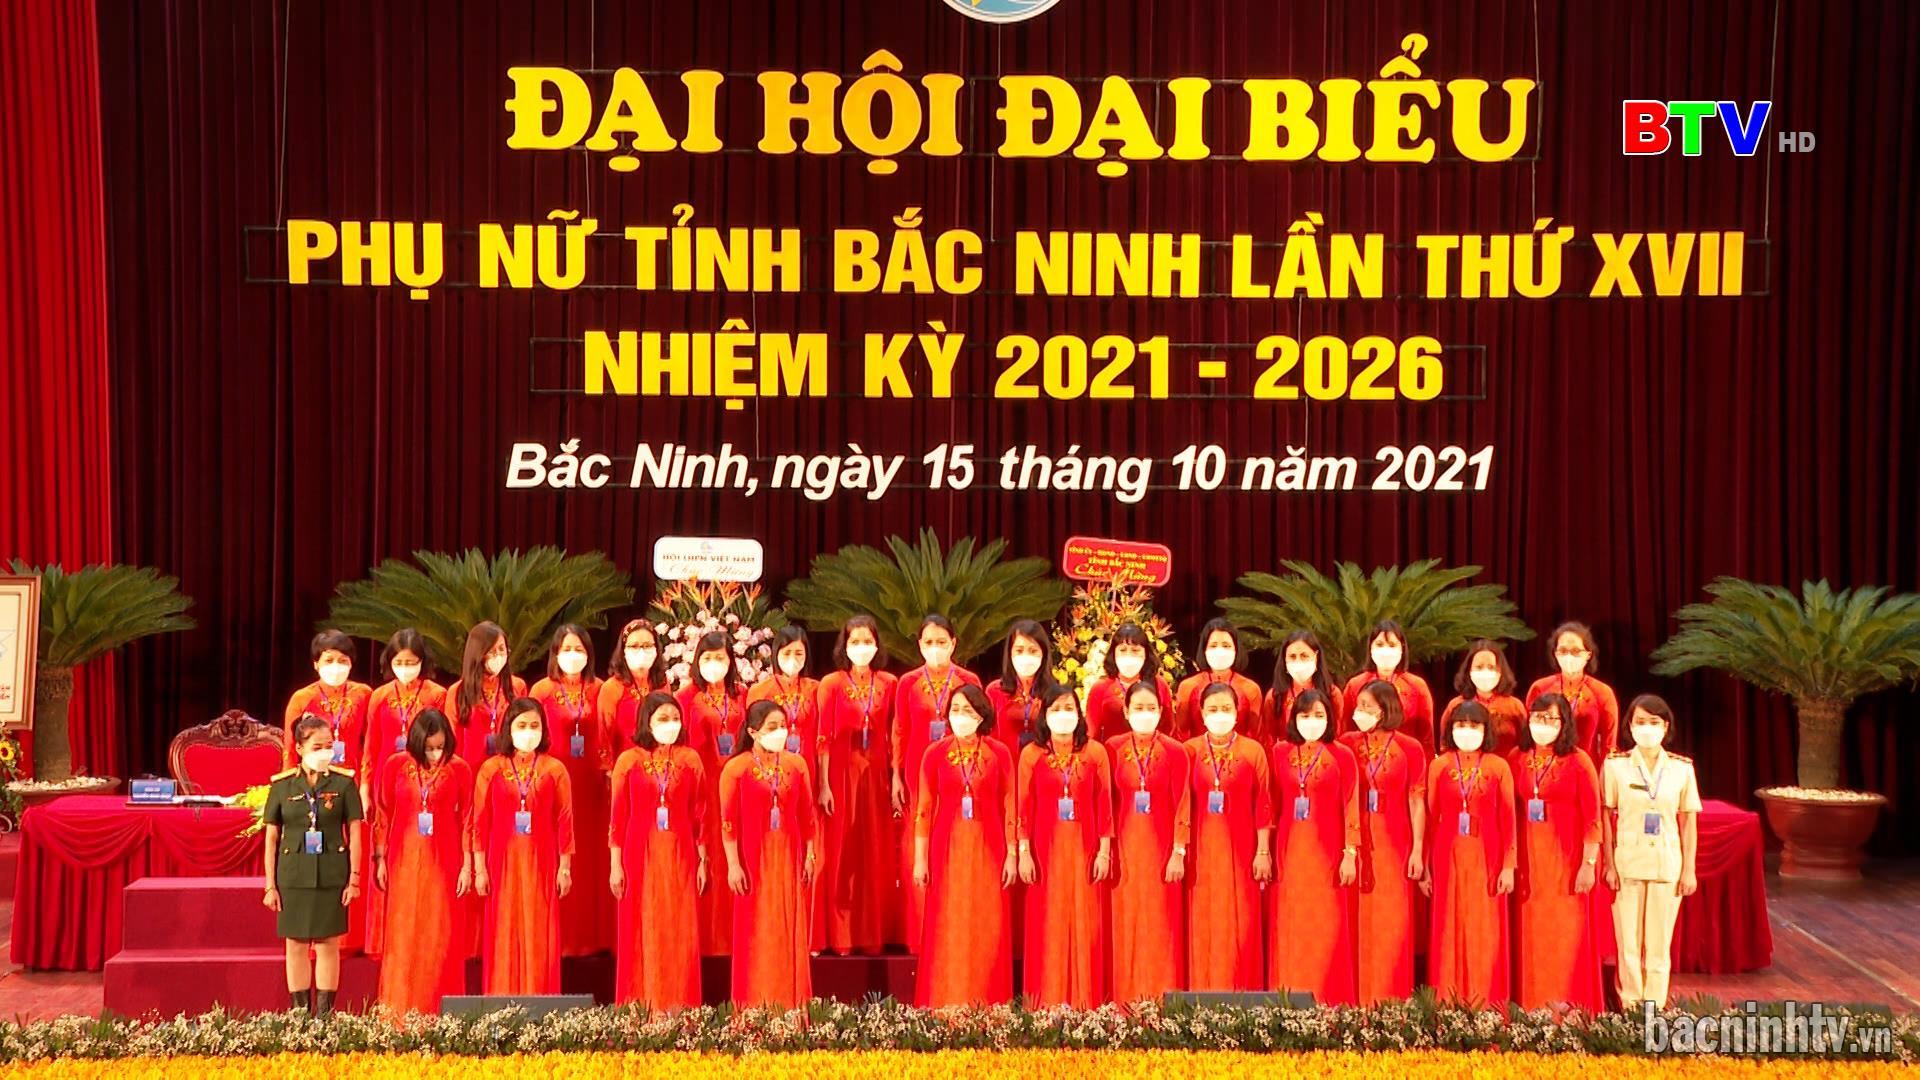 Khai mạc Đại hội đại biểu Phụ nữ tỉnh Bắc Ninh lần thứ XVII